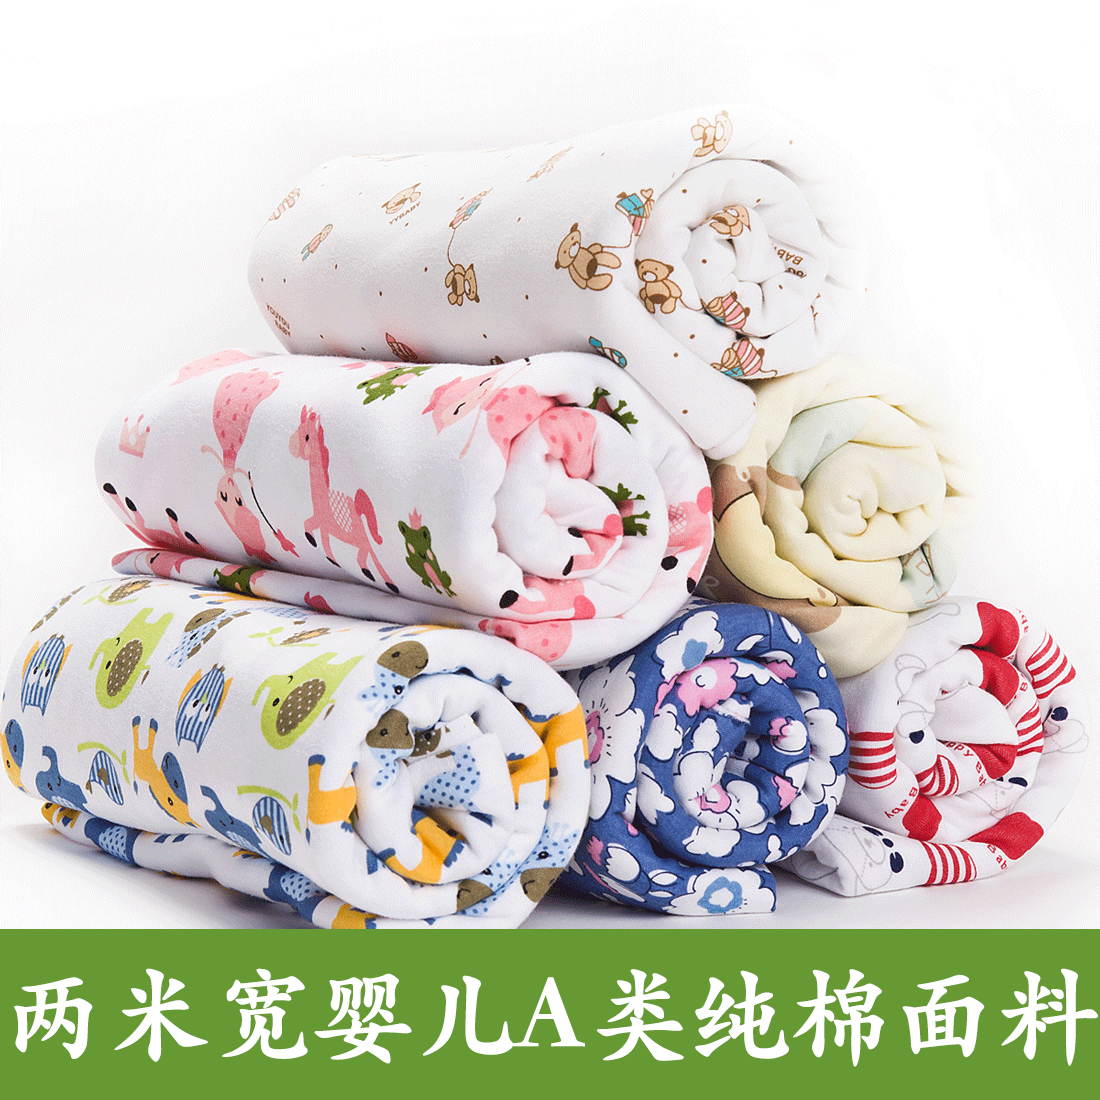 2米包邮a类精梳纯棉双面针织布料宝宝纯棉布婴儿秋衣内衣面料布料